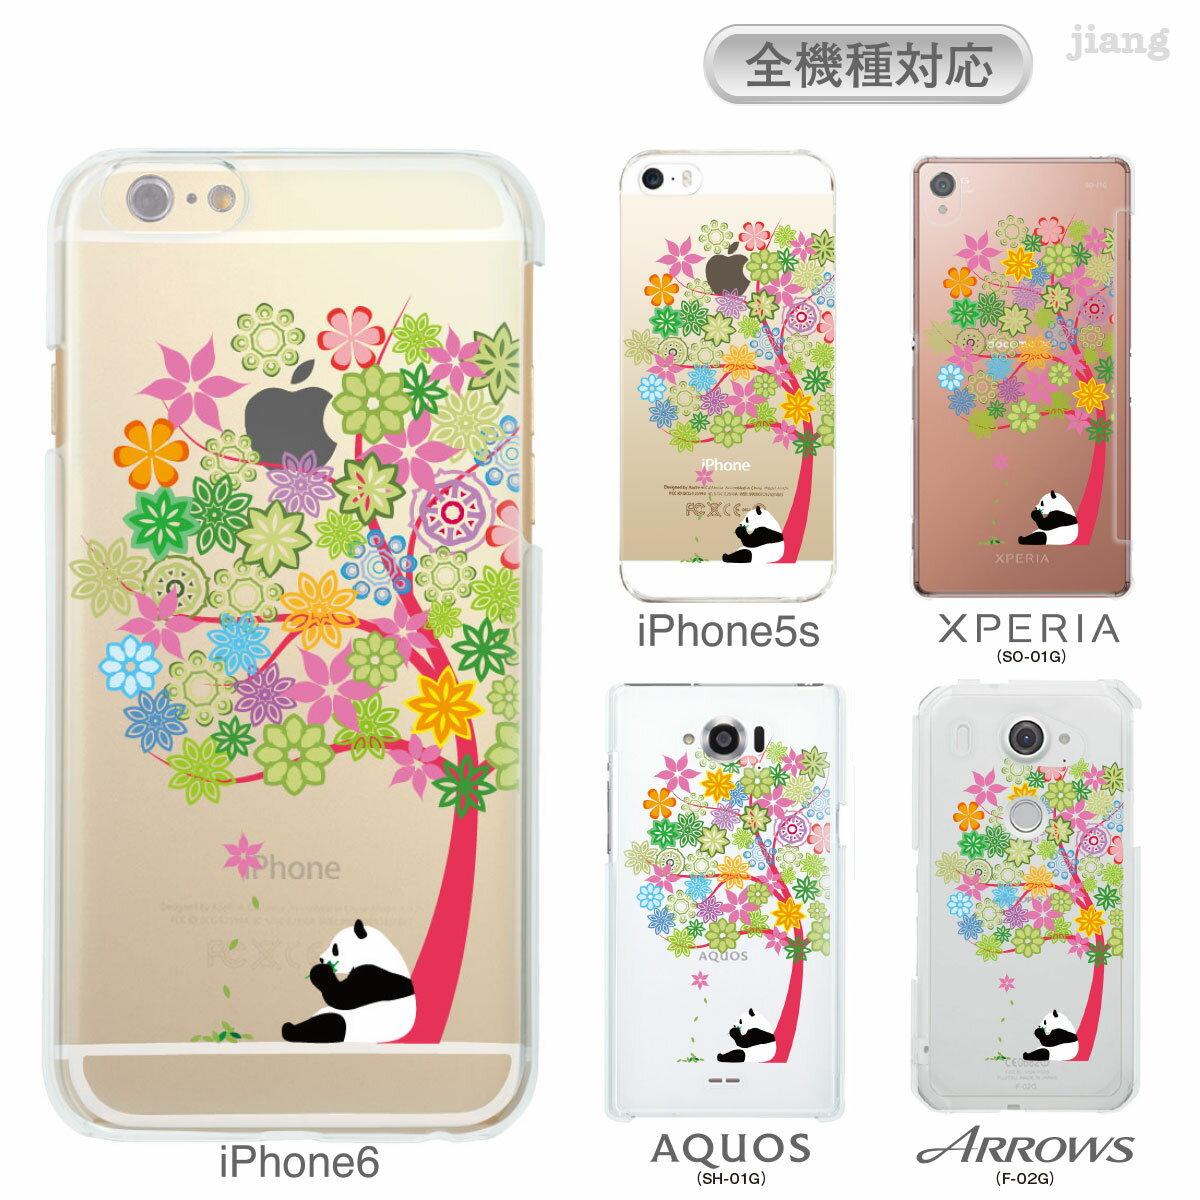 スマホケース 全機種対応 ケース カバー ハードケース クリアケース iPhoneXS Max iPhoneXR iPhoneX iPhone8 Plus iPhone7 iPhone6s iPhone6 Plus iPhone SE 5s Xperia XZ2 XZ1 XZ XZs SO-05K SO-03K aquos R2 R SH-03K galaxy S9 S8 22-zen-ca0140